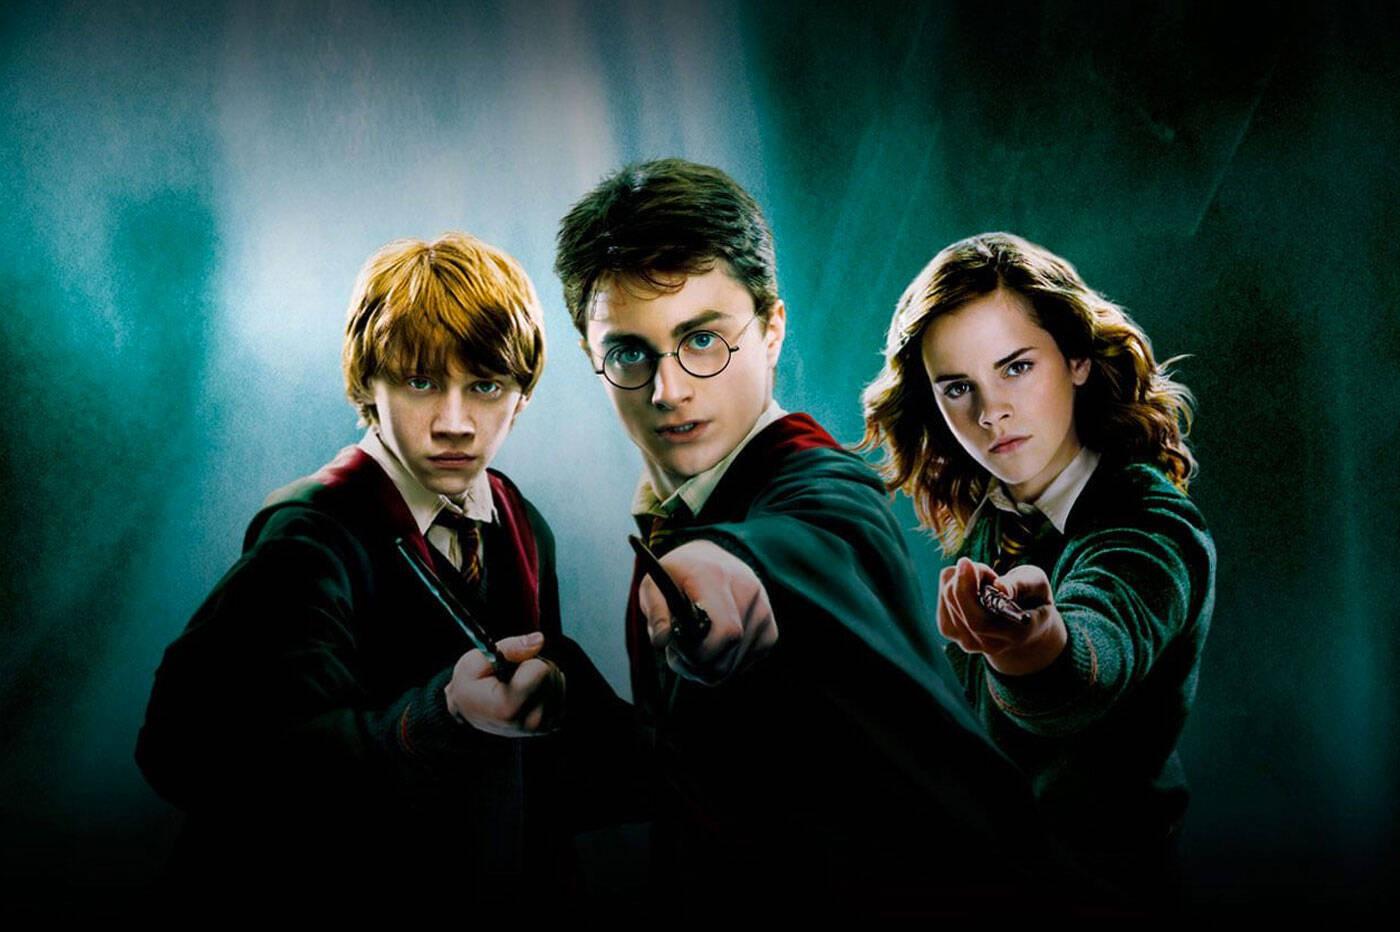 Le grand quiz Harry Potter (1-7 livres et films)